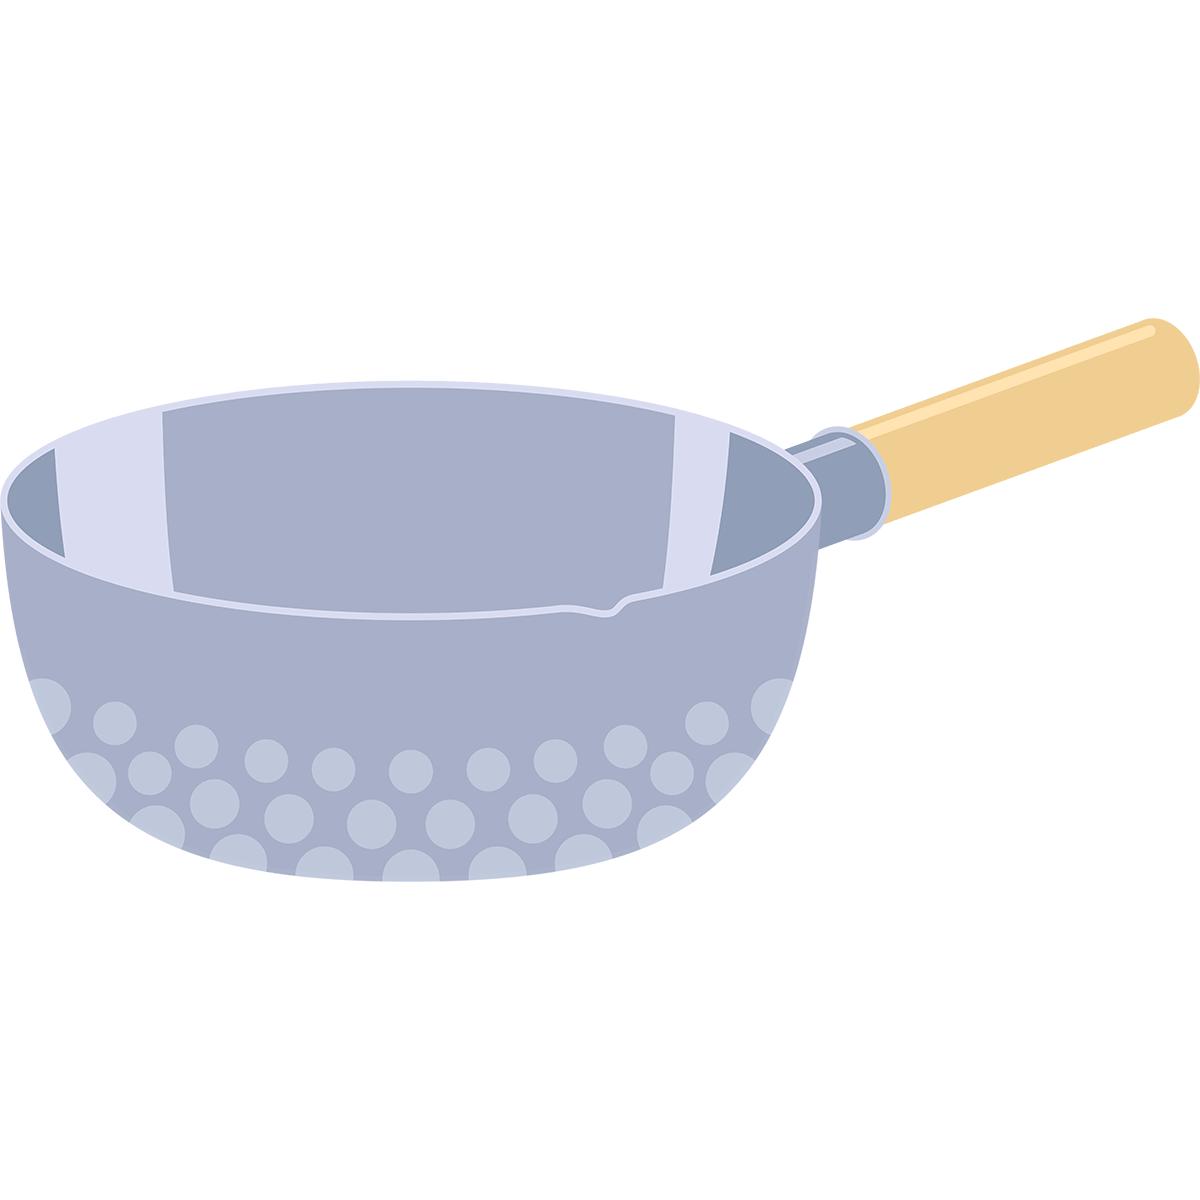 手鍋の無料イラスト